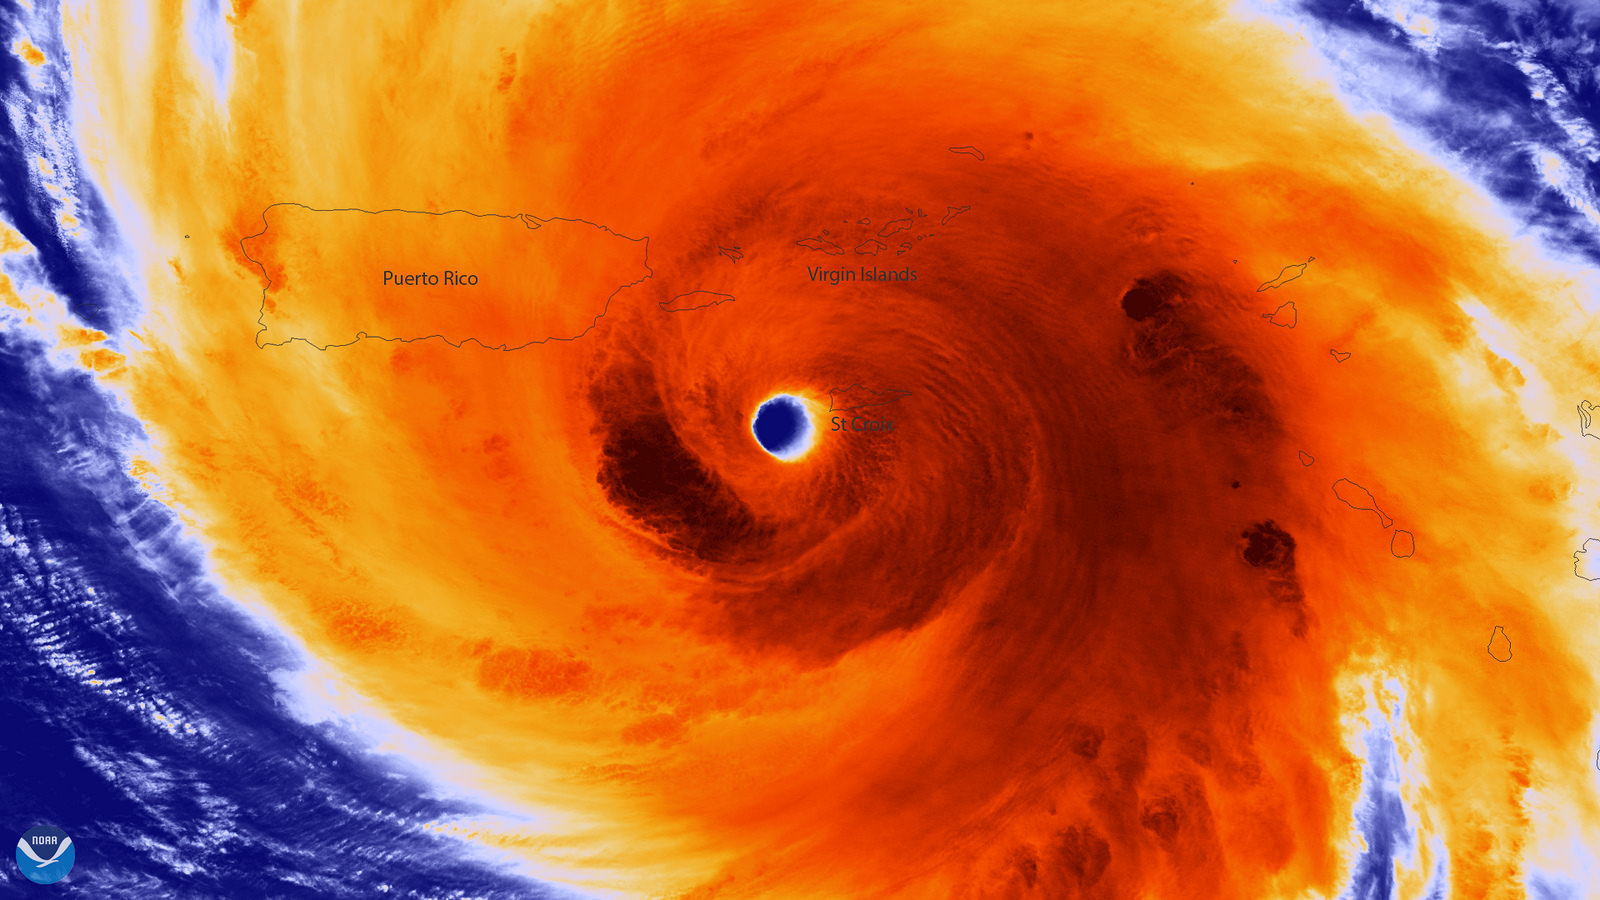 El ojo bien definido del huracán María tres horas antes de llegar a Puerto Rico el 20 de Septiembre de 2017 con vientos máximos sostenidos de alrededor de 150 mph. Crédito de foto: NOAA Servicio Nacional de Satélites, Datos e Información Ambiental (NESDIS) Imagen infrarroja coloreada del satélite Suomi NPP NOAA / NASA.